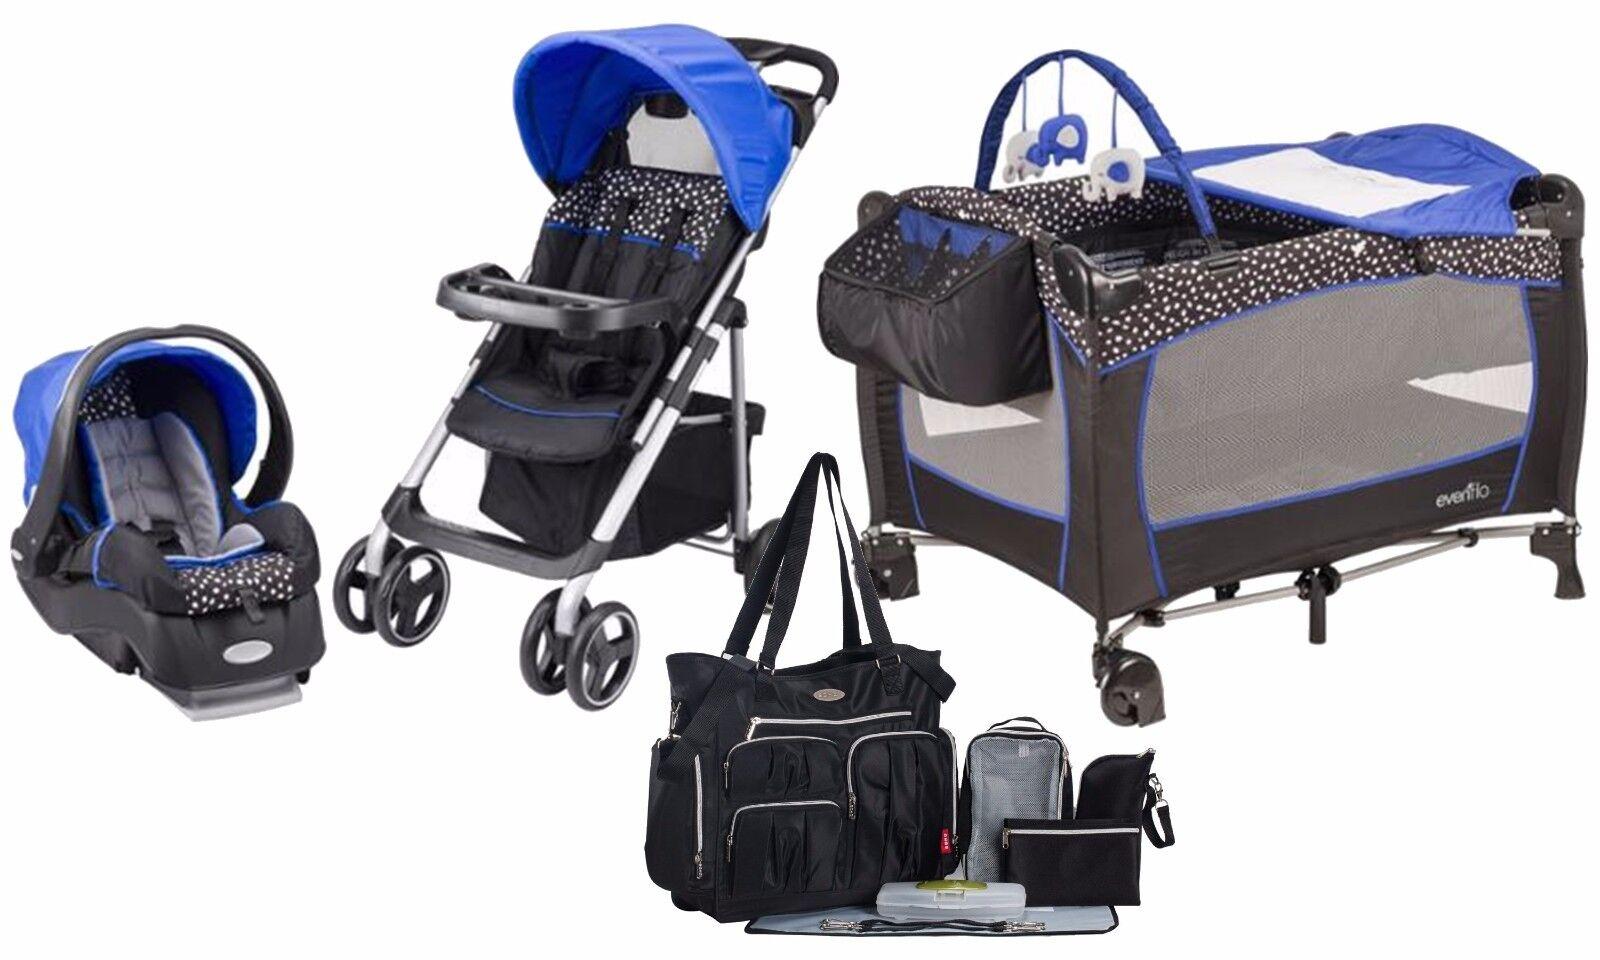 baby stroller travel system car seat playard diaper bag ebay. Black Bedroom Furniture Sets. Home Design Ideas